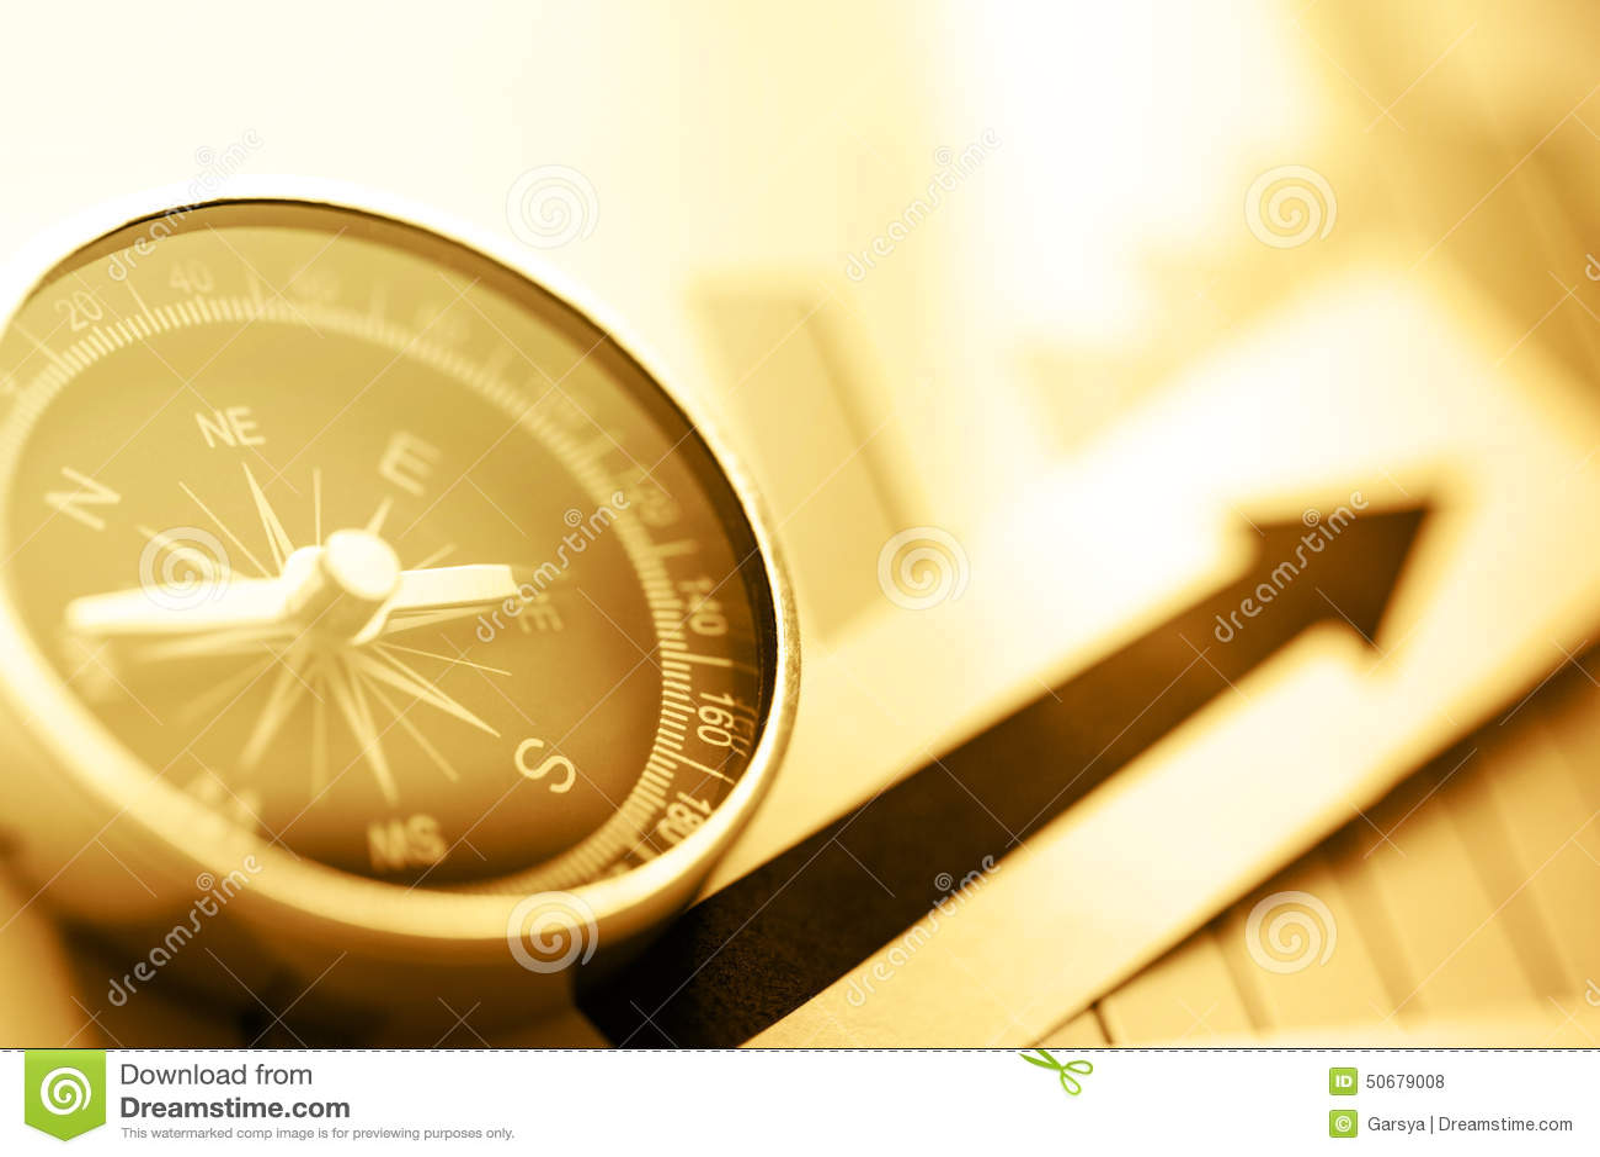 Download 与指南针和箭头的图概念 库存照片. 图片 包括有 商业, 取向, 指南, 图象, 财务, 解剖学, 纸张 - 50679008